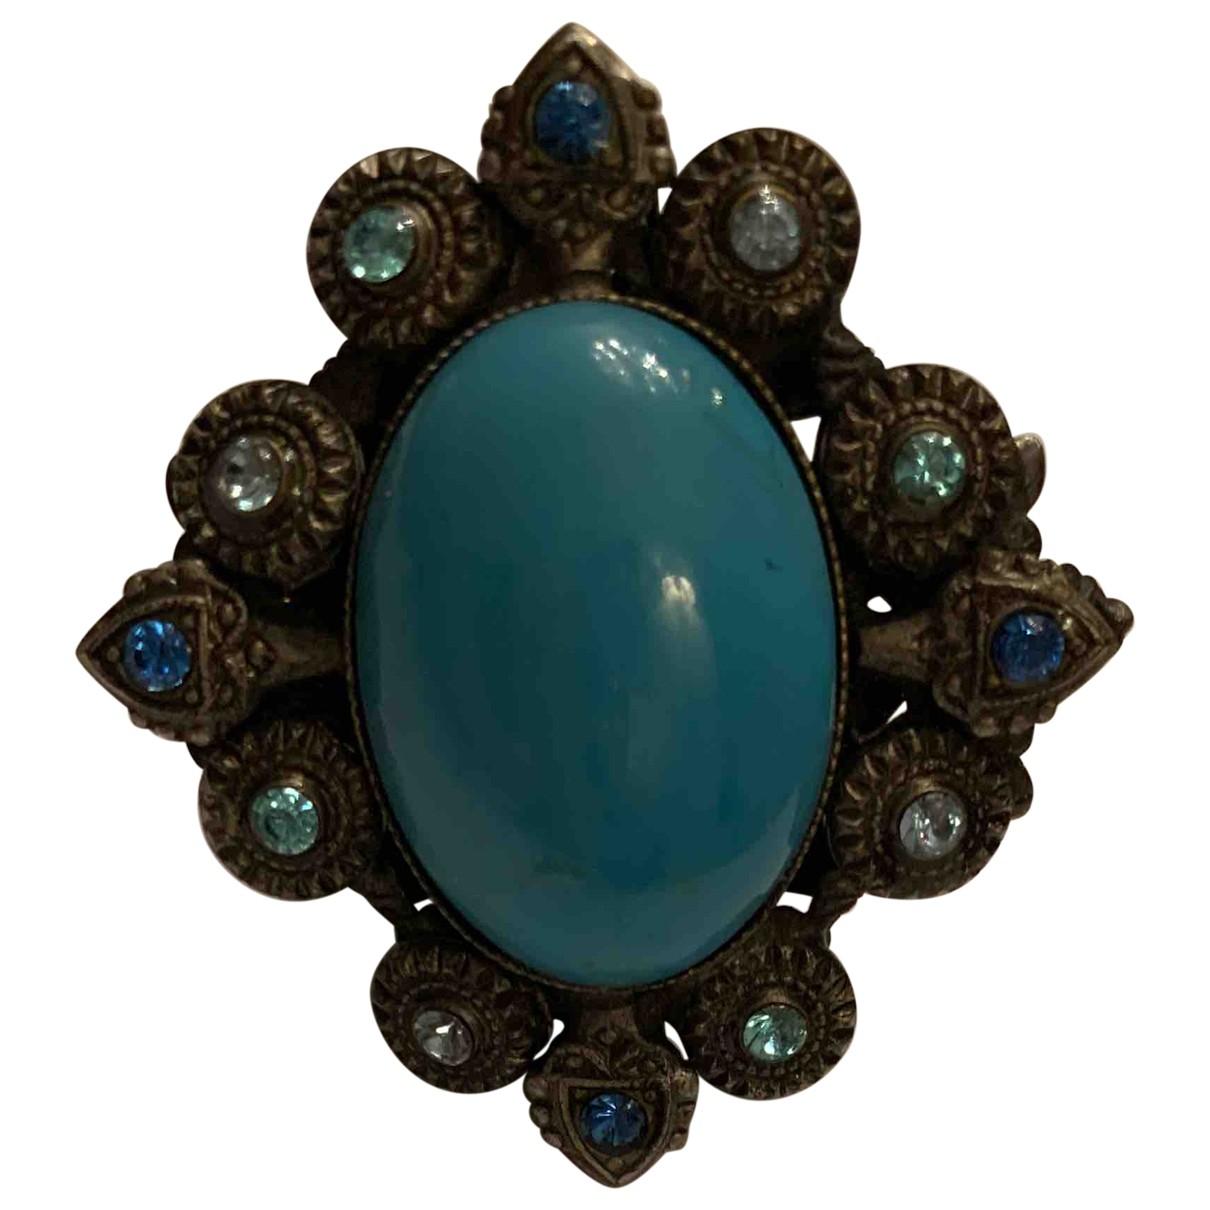 Anillo Turquoises Non Signe / Unsigned